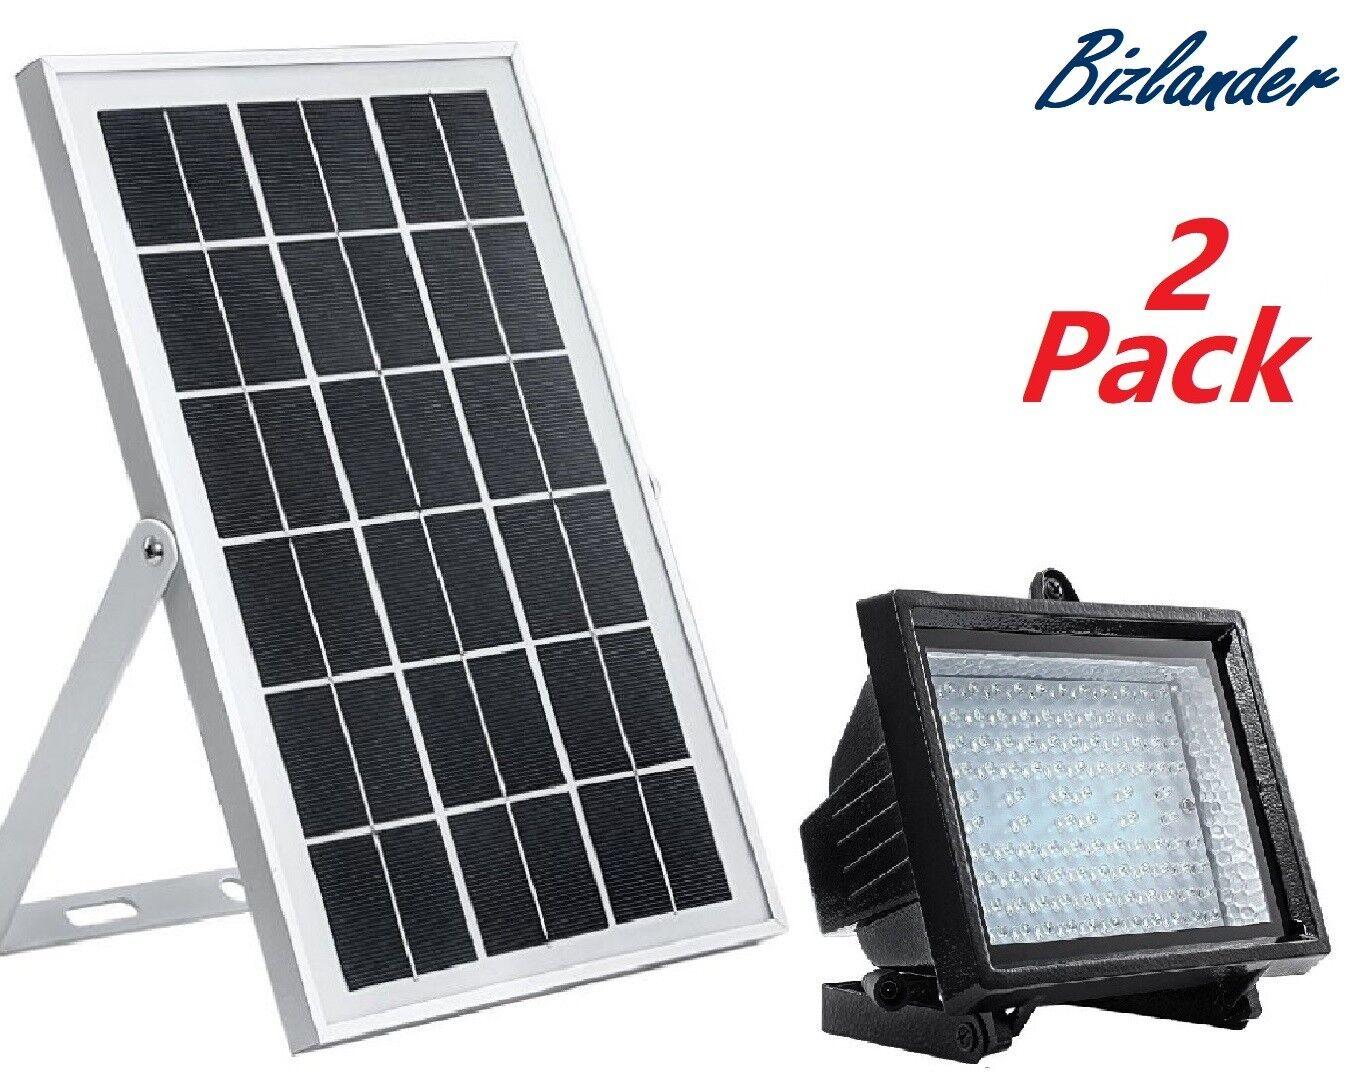 2 Pack Bizlander 108 LED Solar Powerot Flood Light for Commercial grade for HIZA